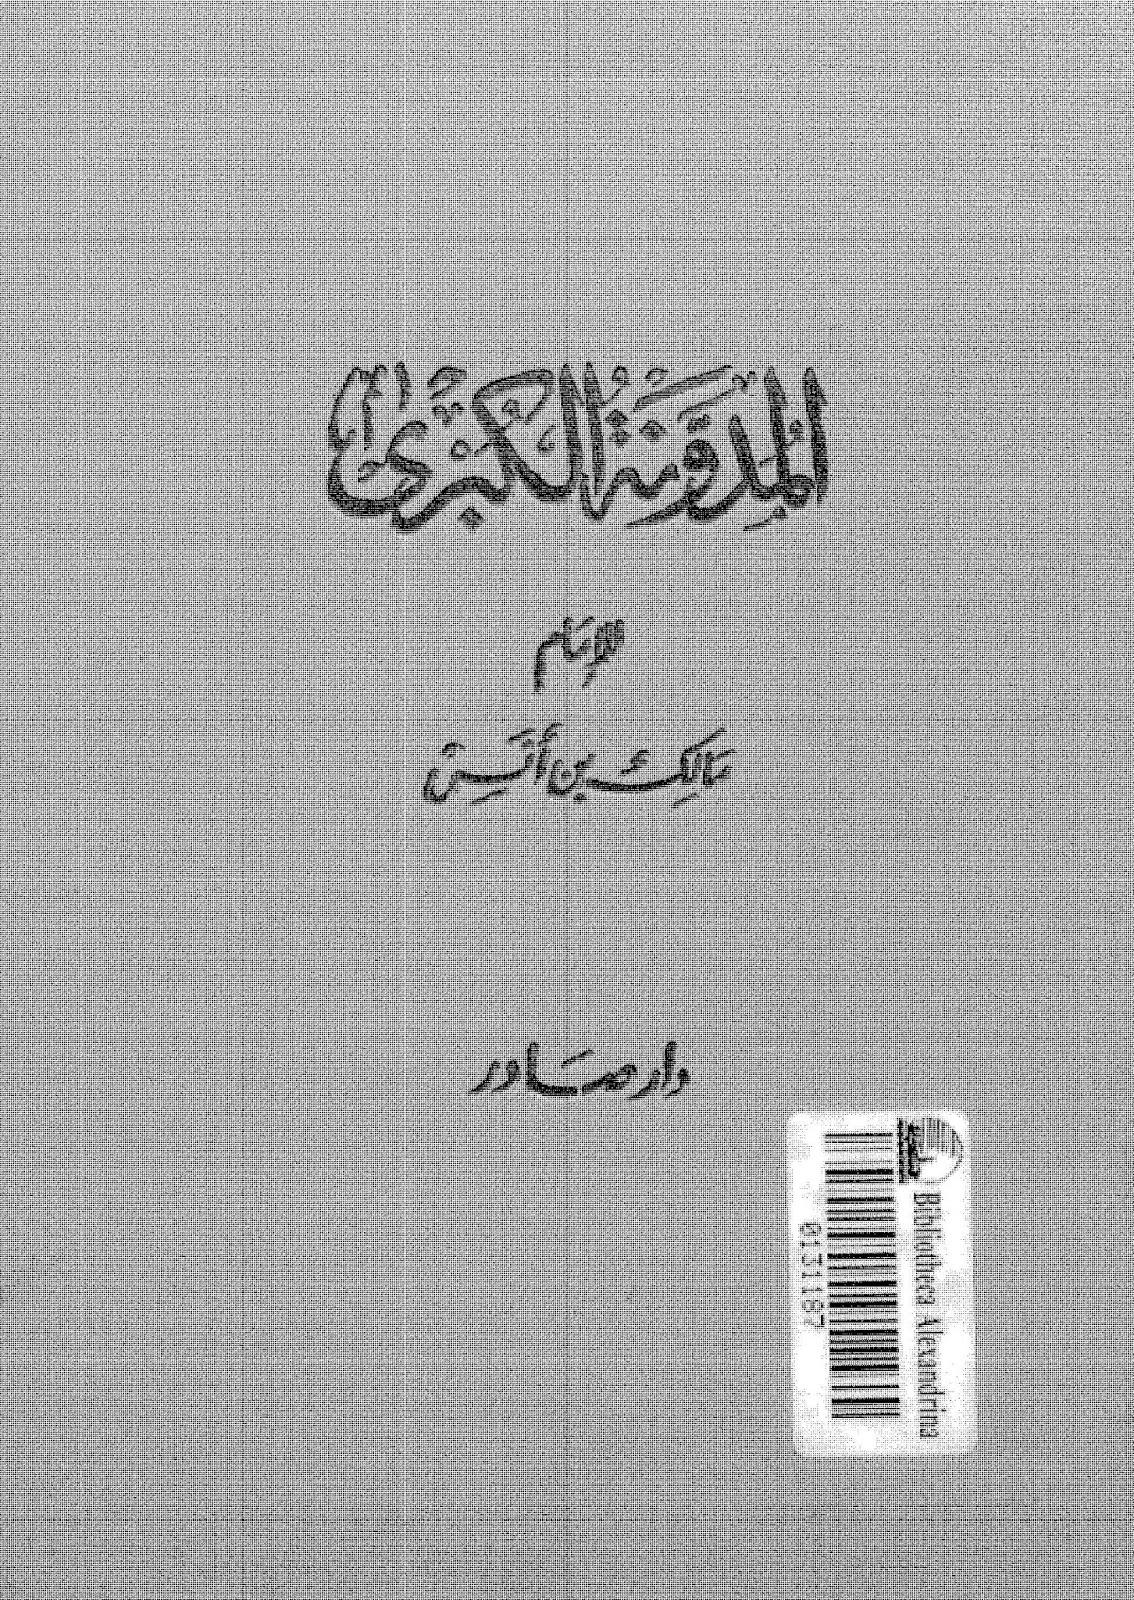 المدونة الكبرى للإمام مالك بن أنس - طبعة دار صادر pdf